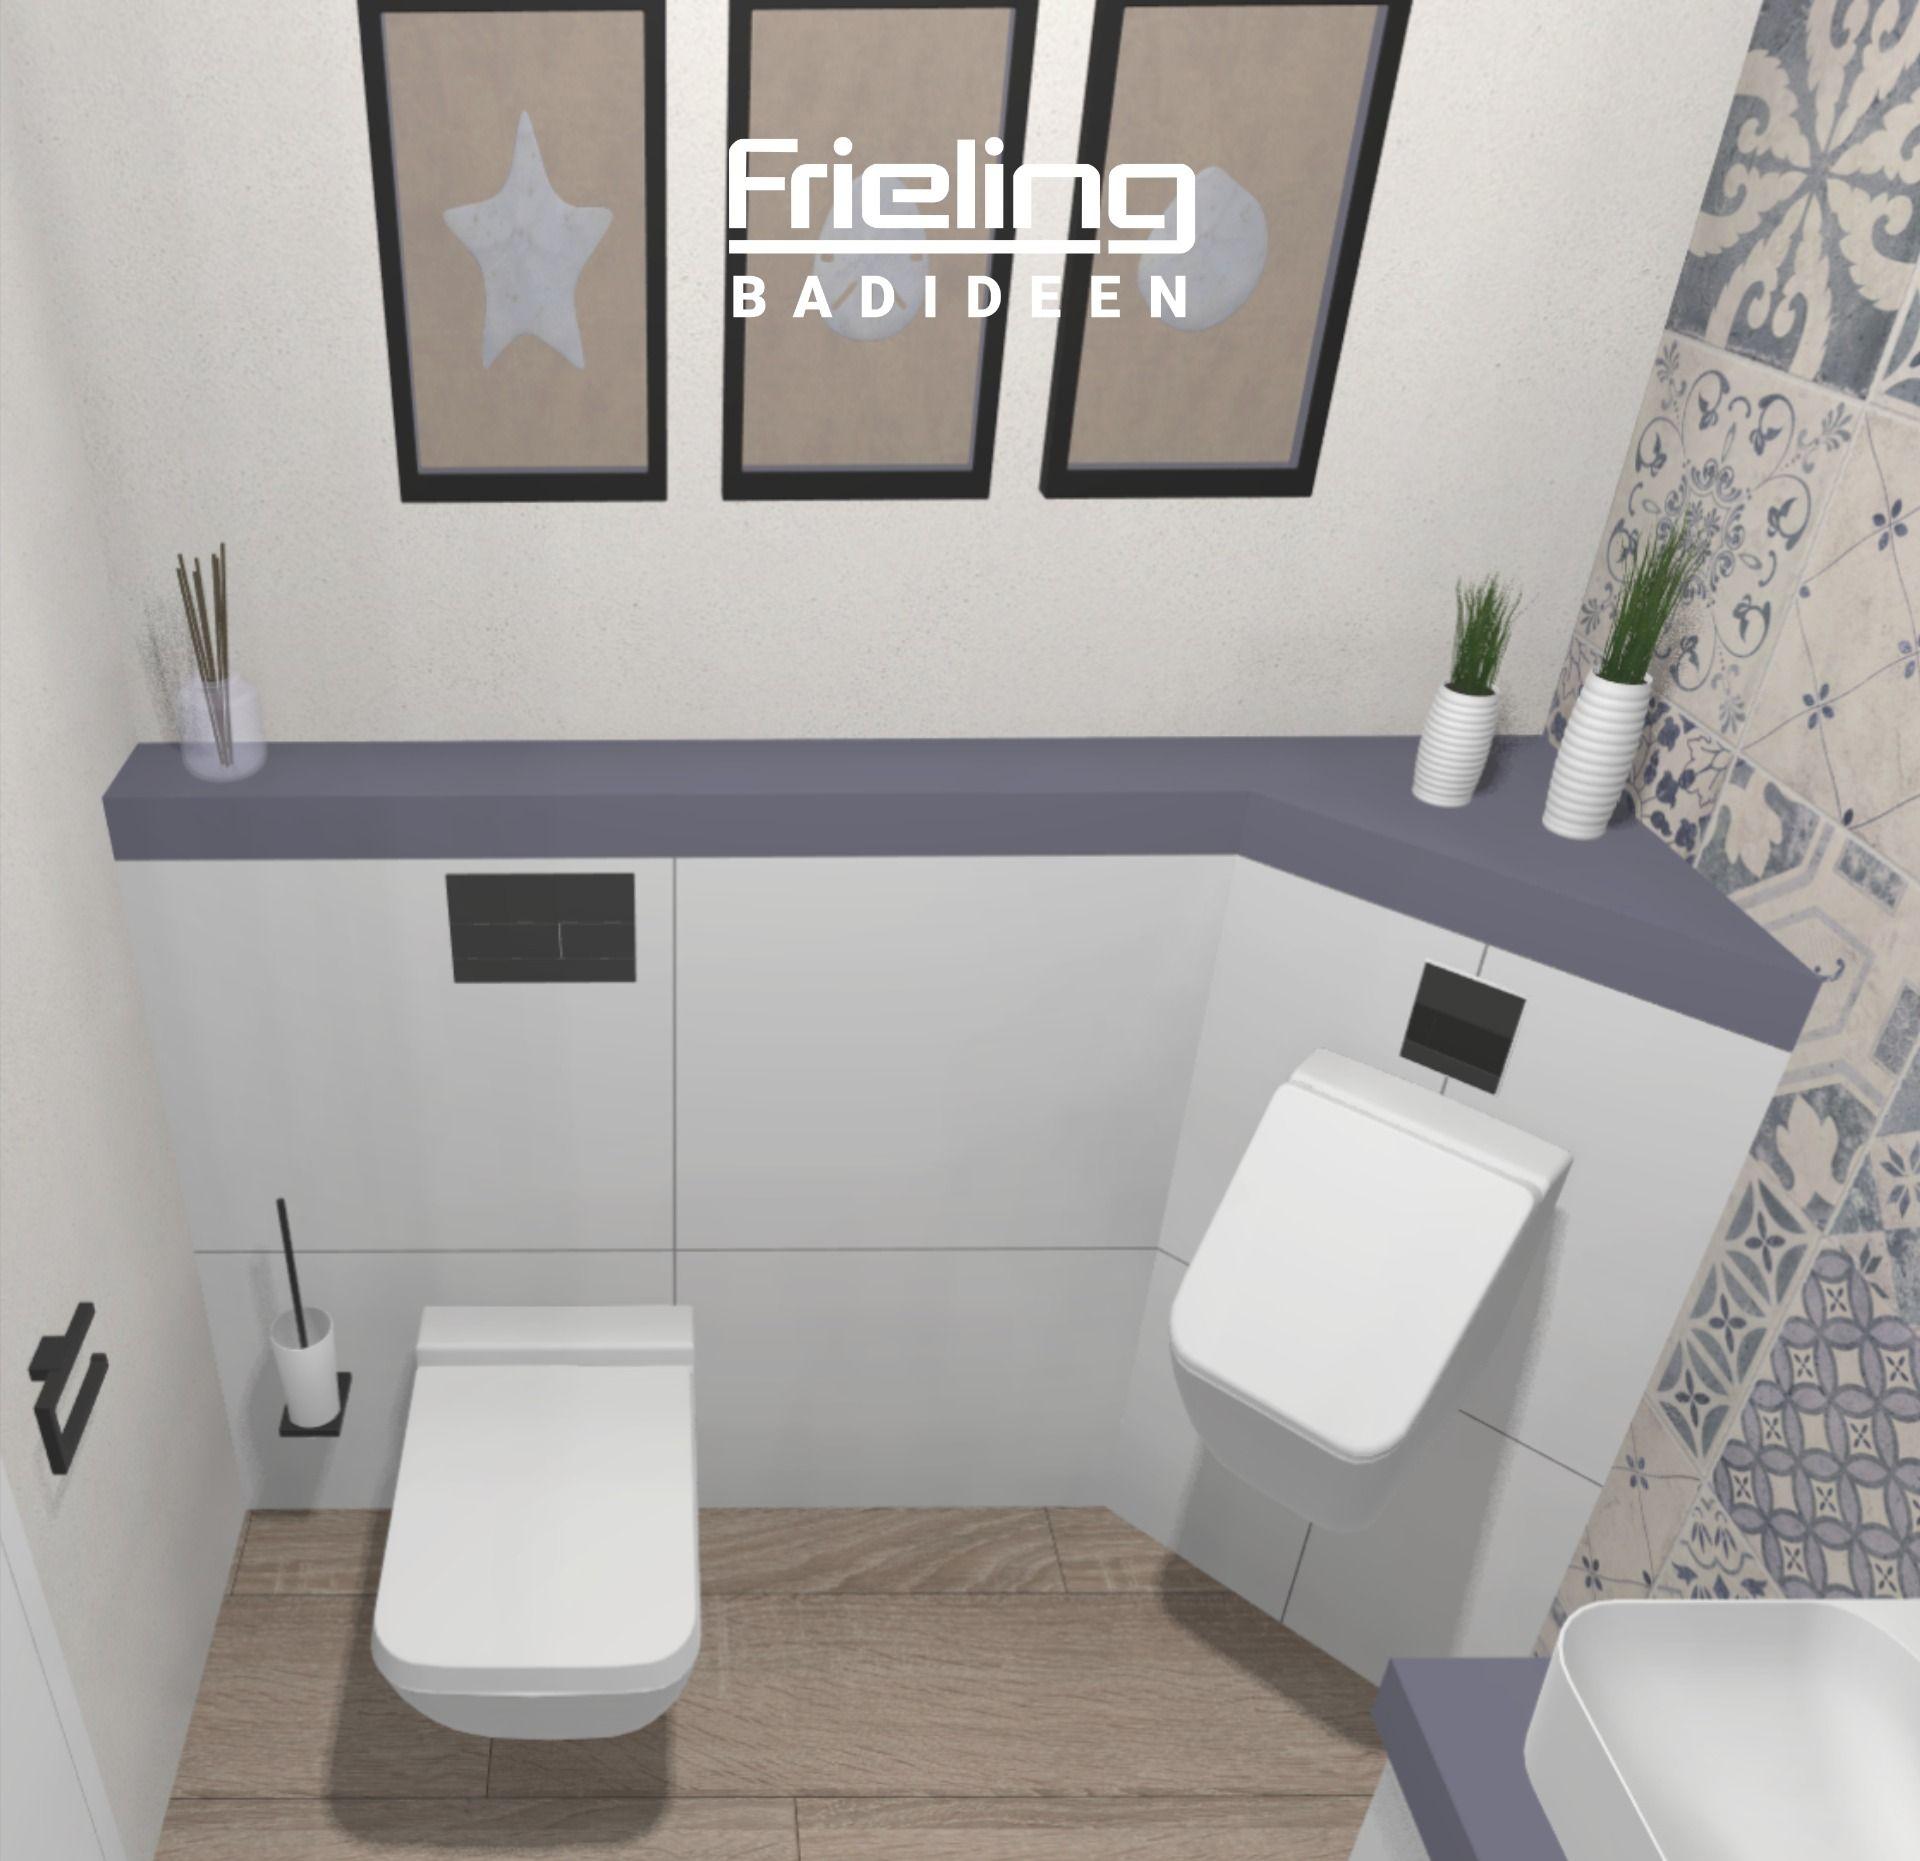 Gastebad Mit Stauraum Urinal Auf 3qm Helles Modernes Gaste Wc Im Landhausstil Mit Musterfliesen In 2020 Urinale Gastebad Gaste Wc